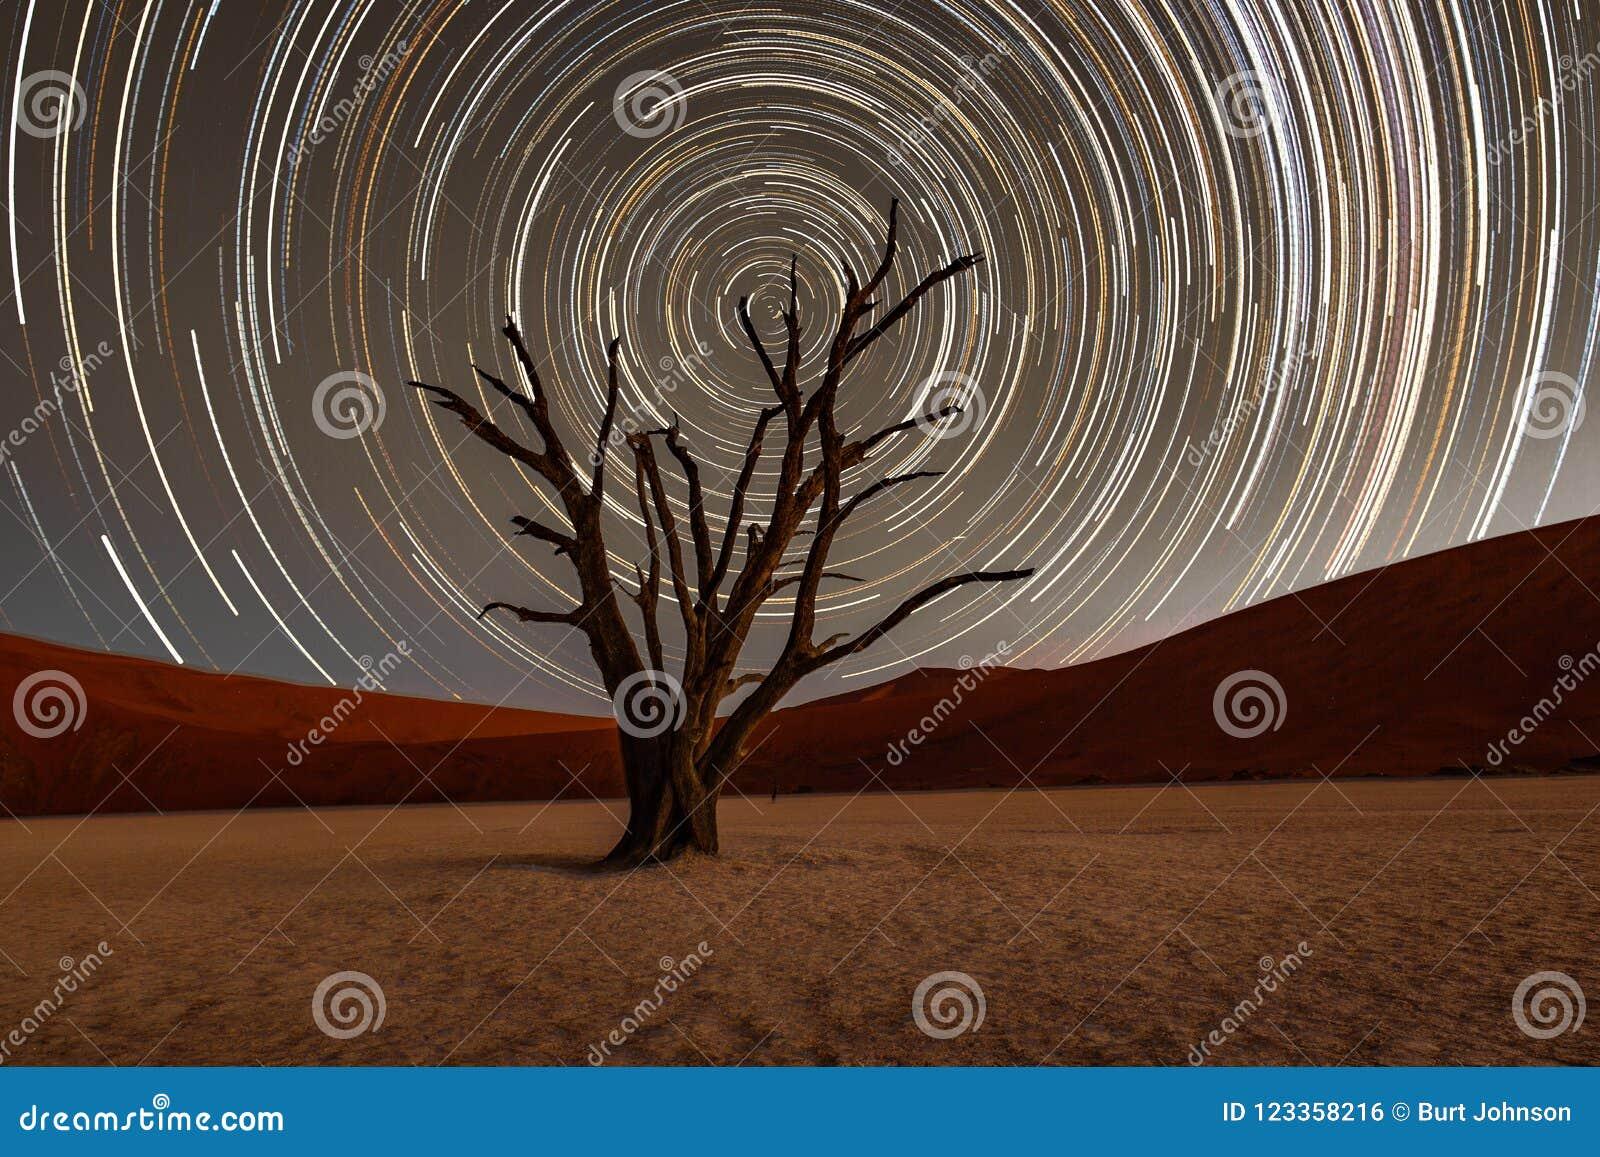 Звезда отстает круг над деревом camelthorn